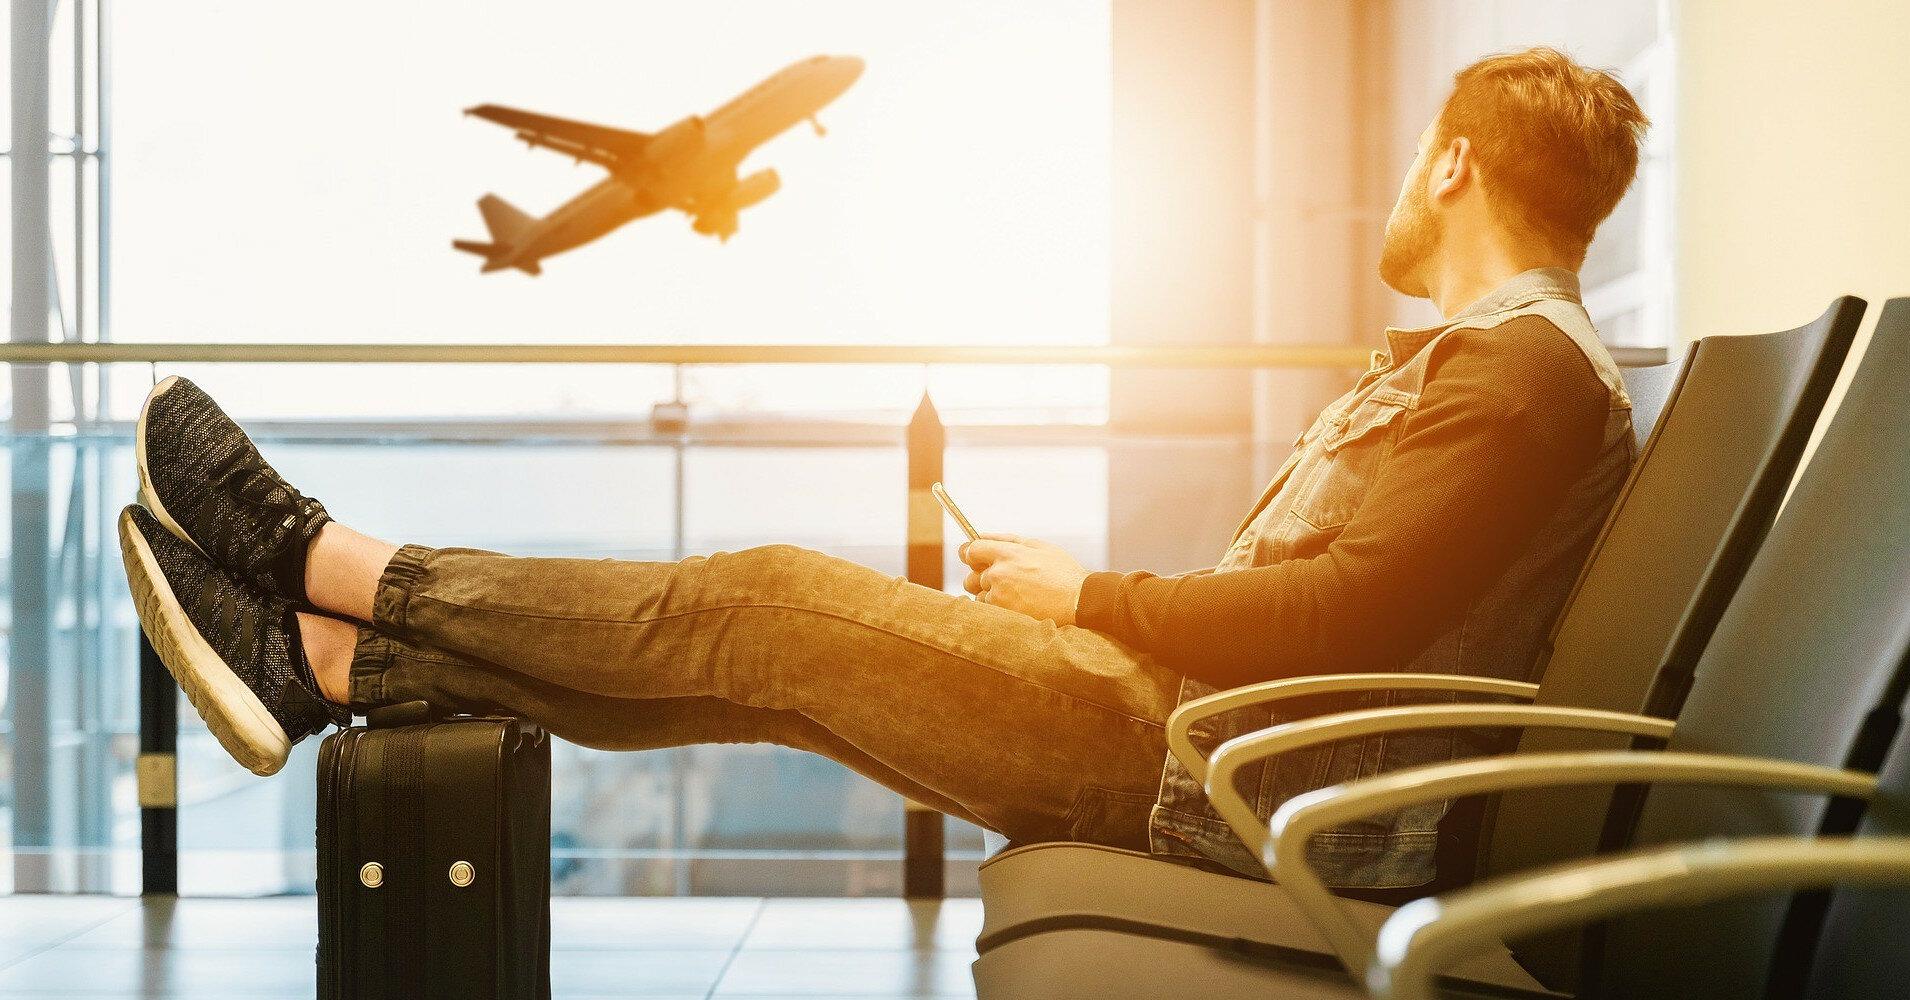 Харьковский аэропорт превысил докарантинные показатели